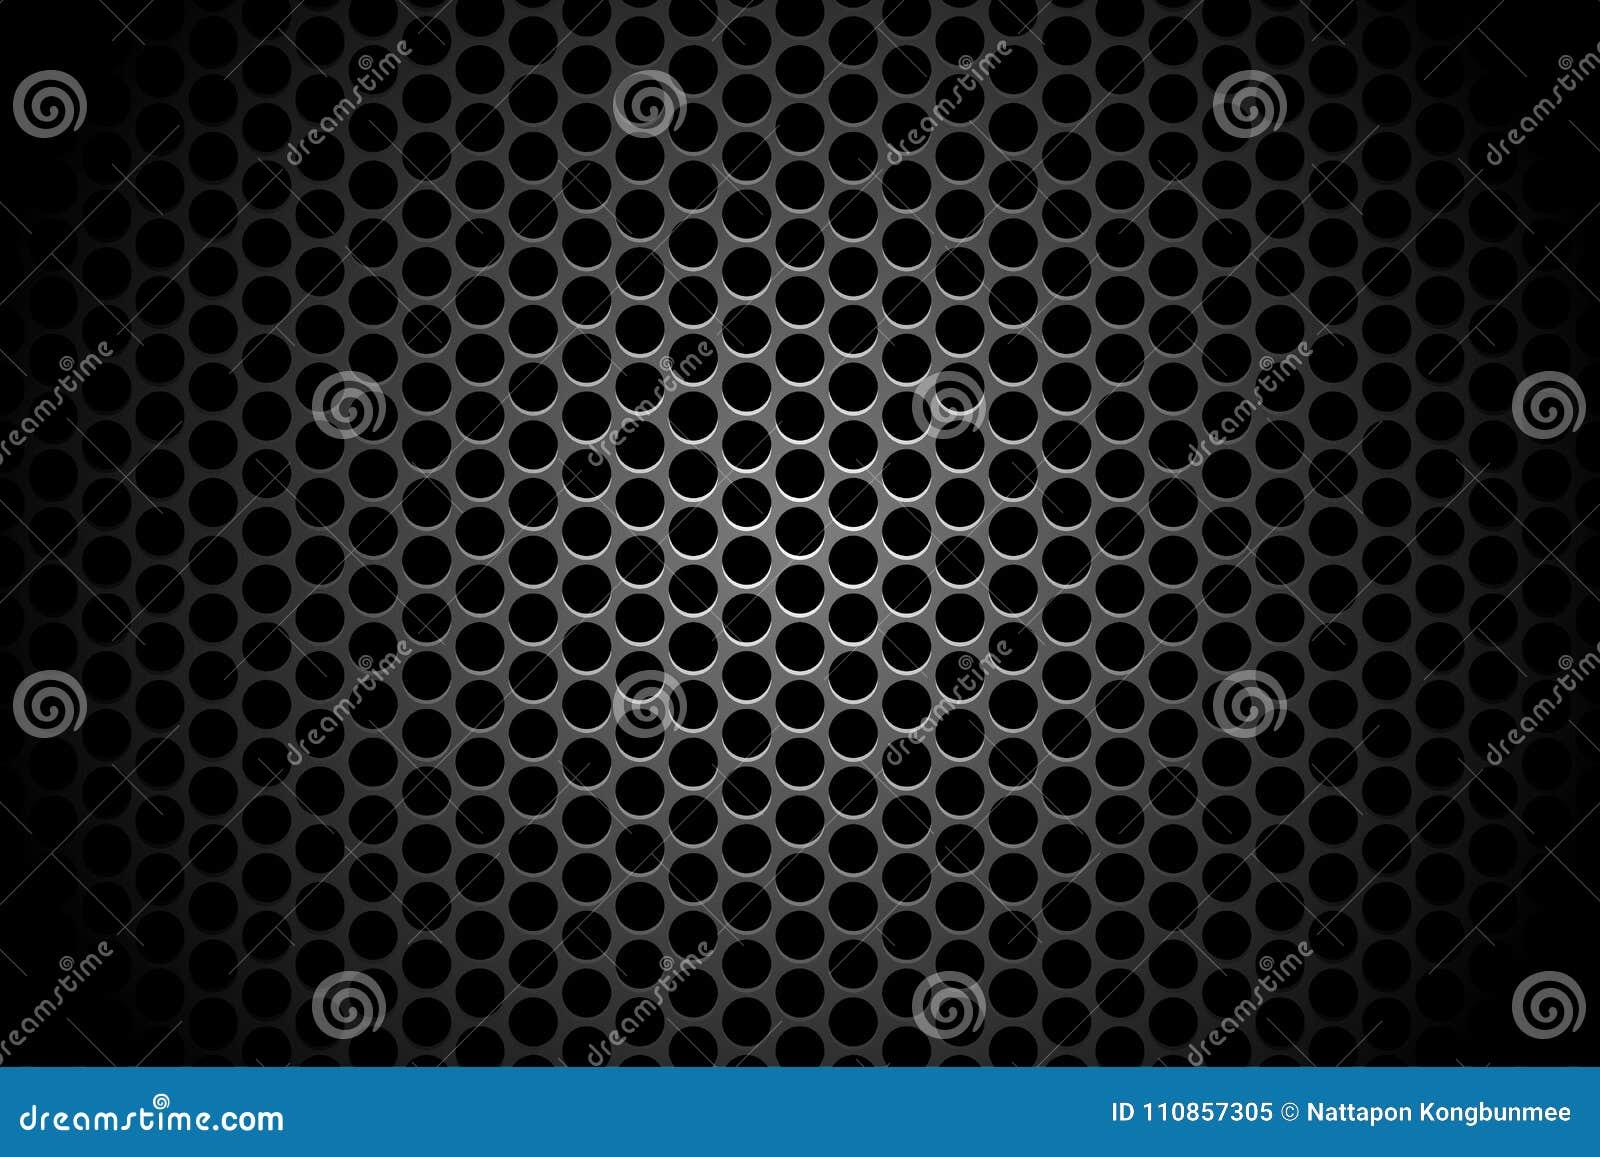 Conce abstracto del fondo del contexto de la sombra del agujero del círculo de la tecnología